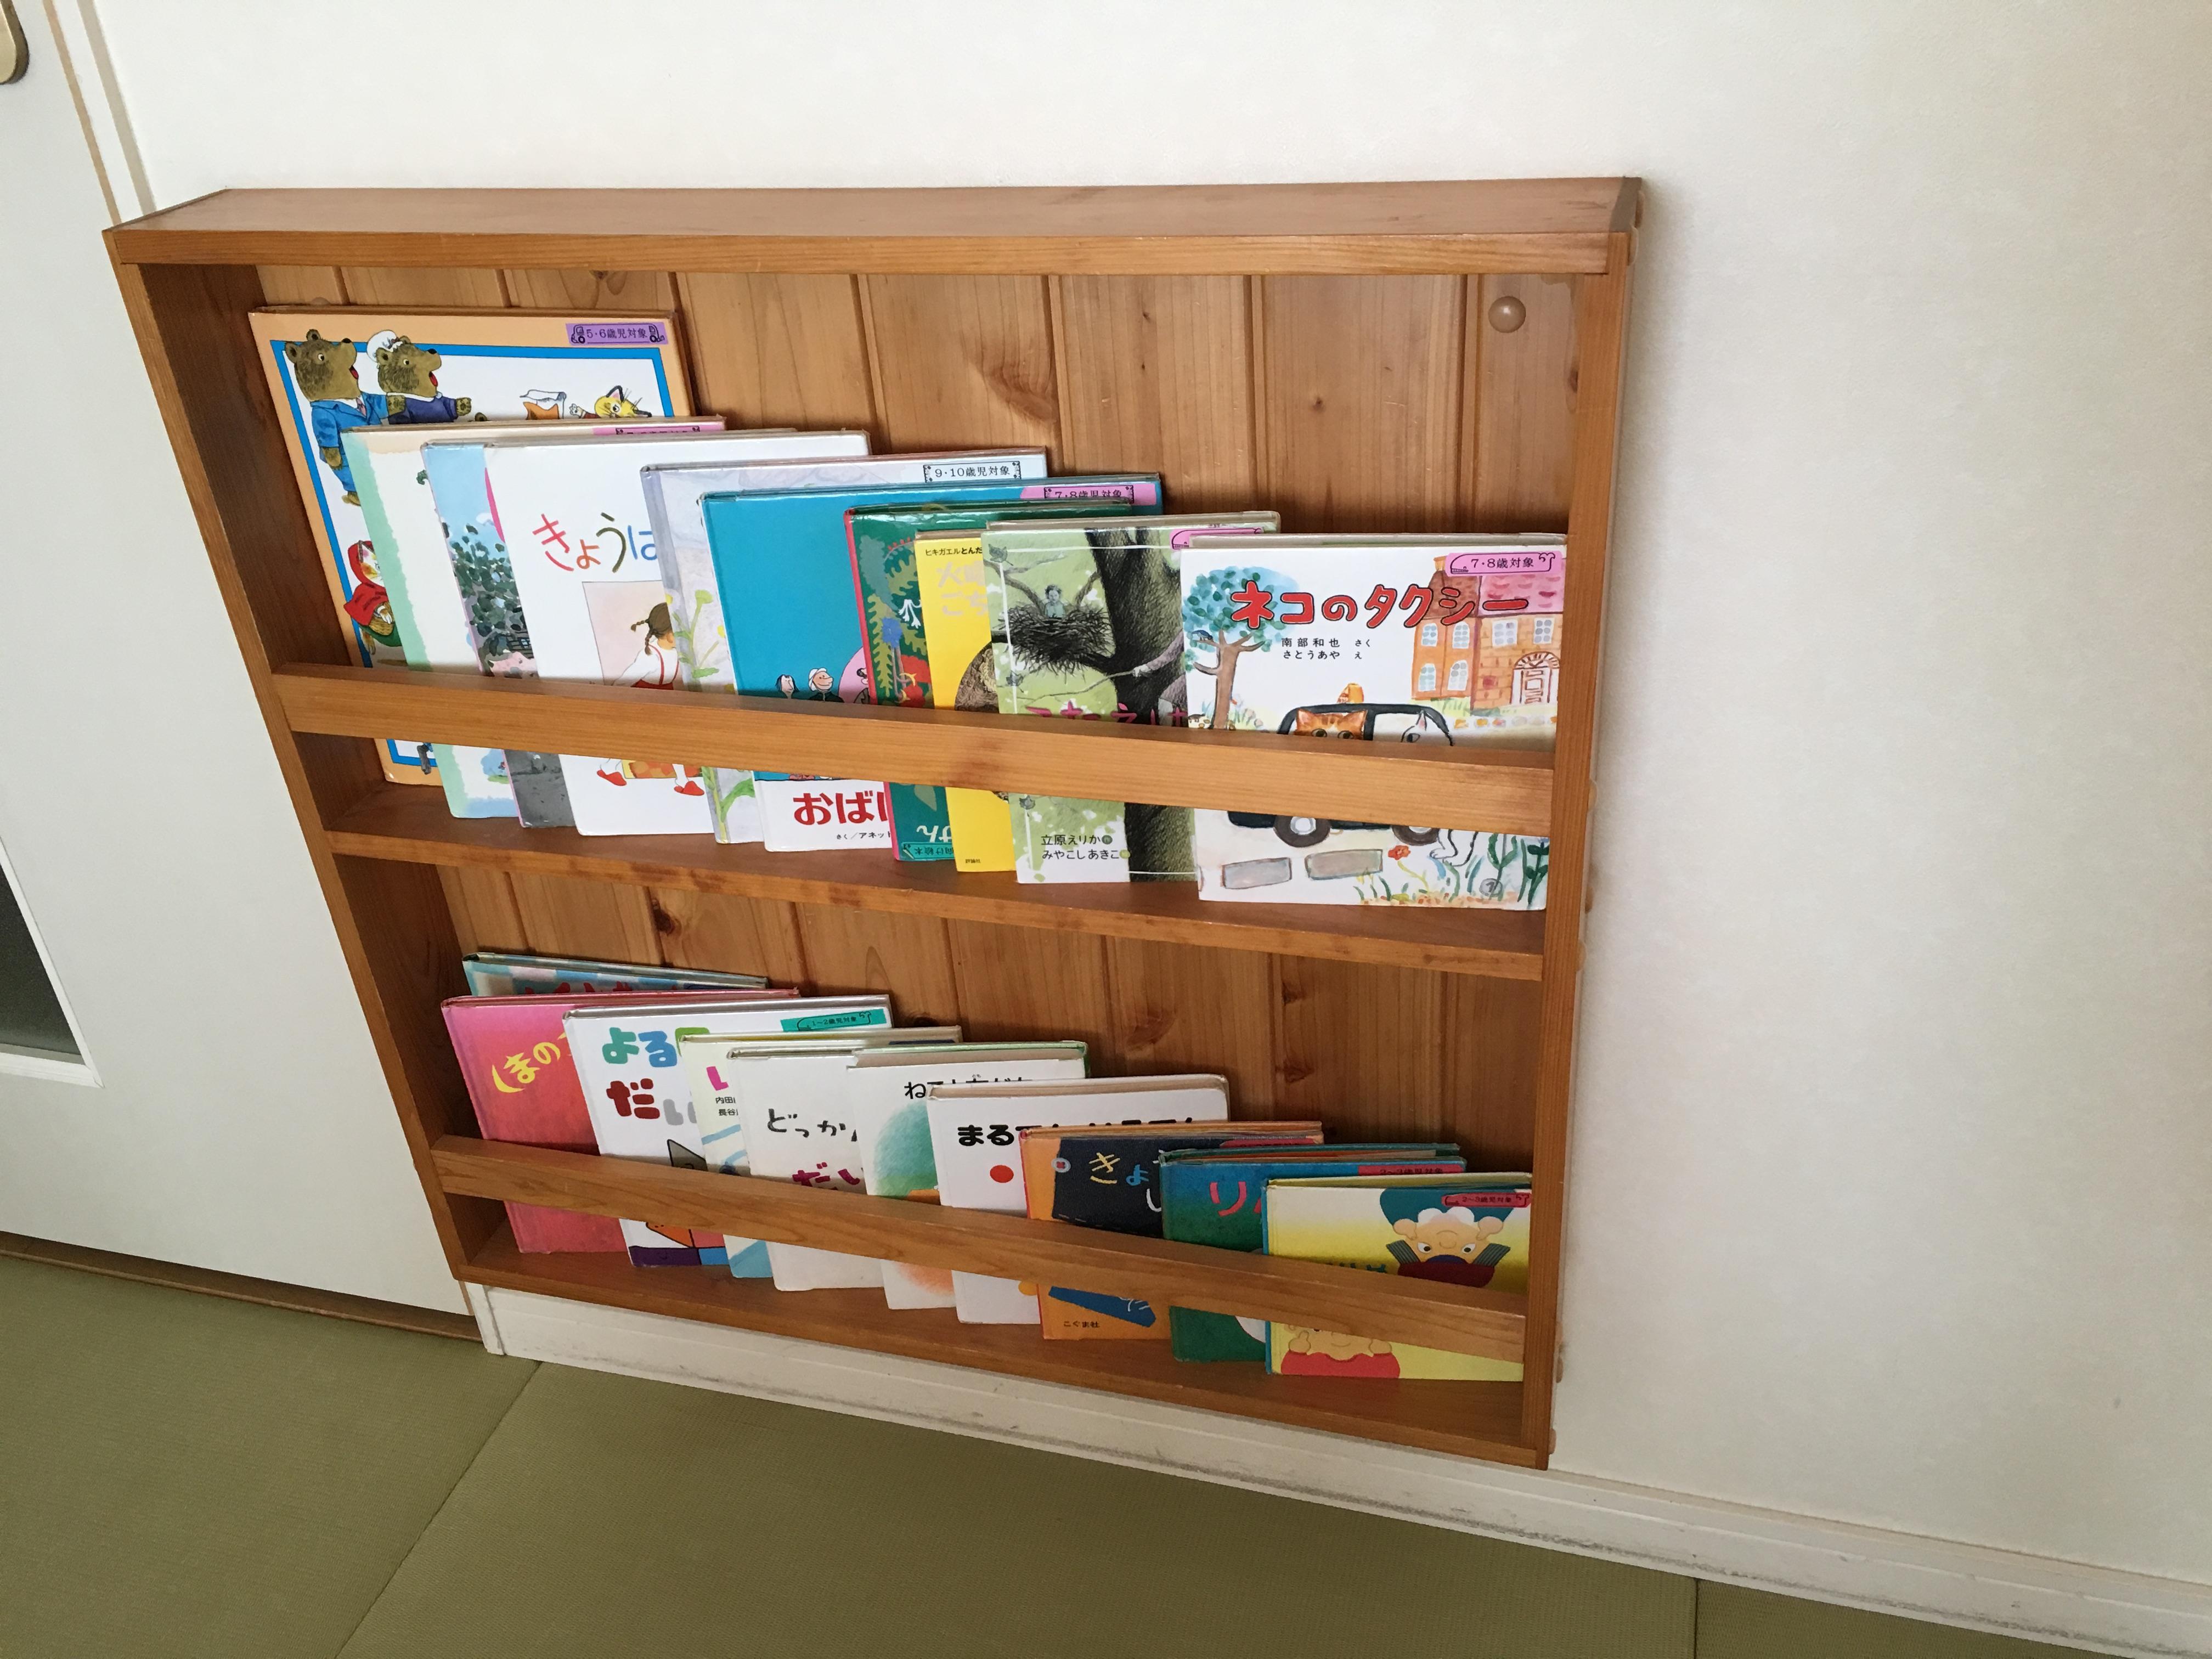 ホテルの部屋にある本棚